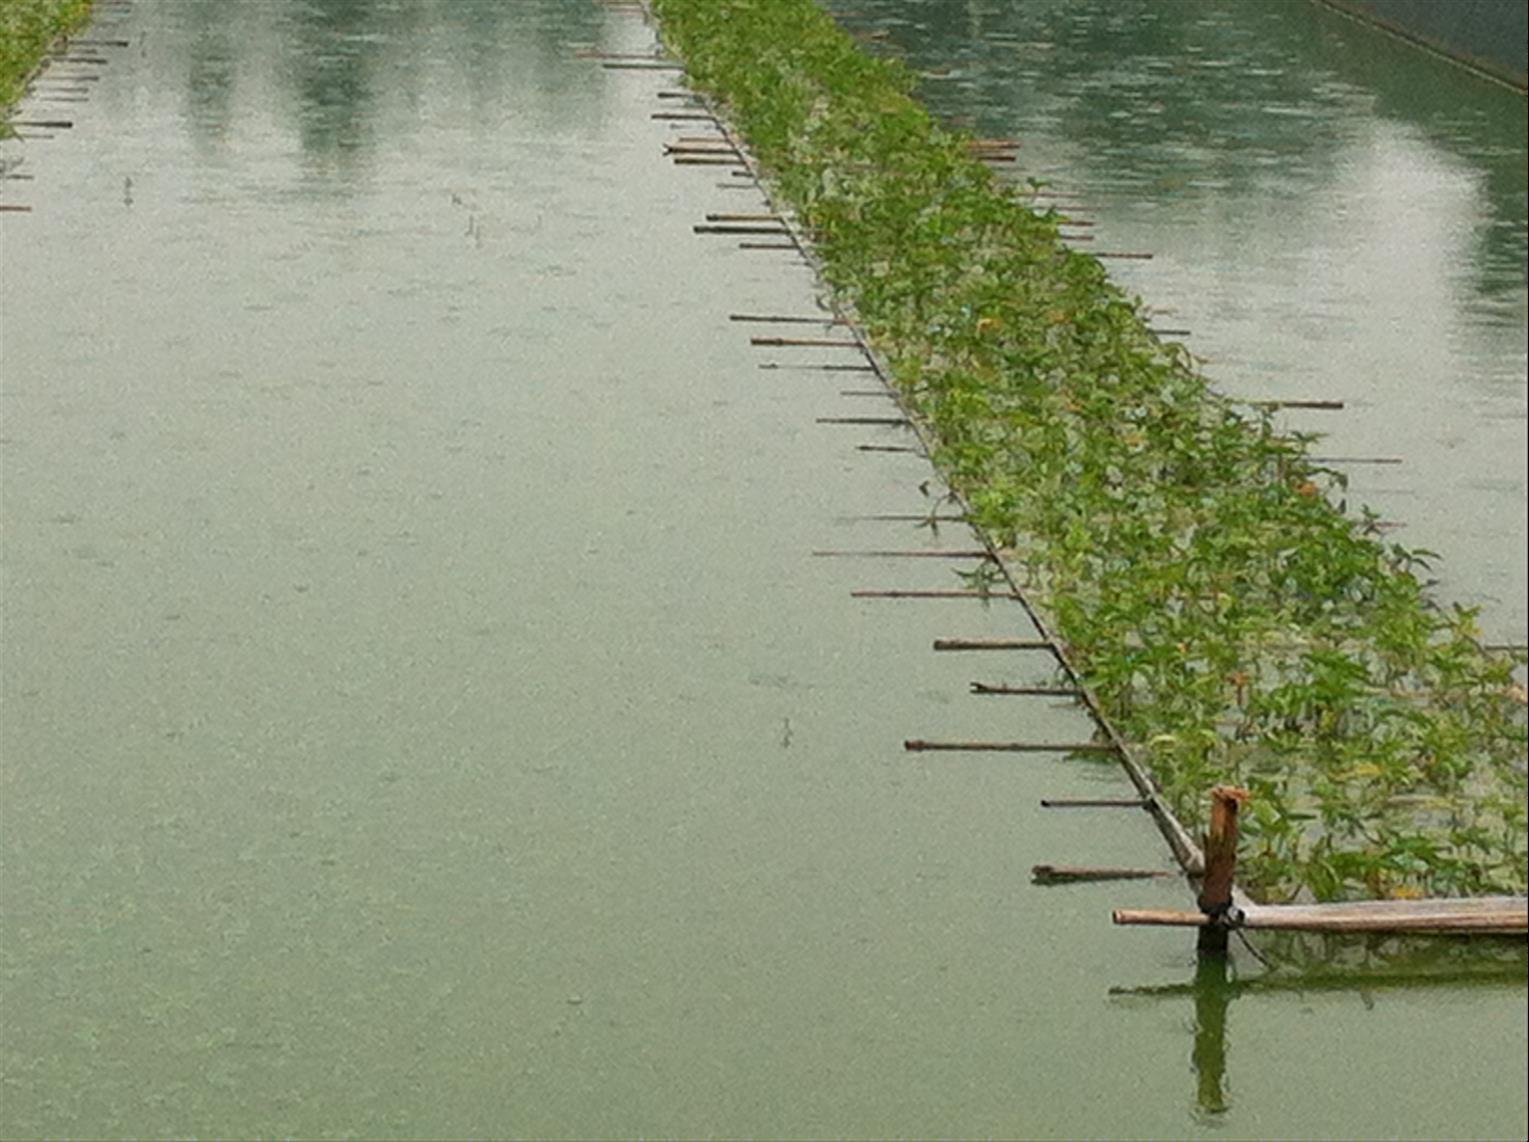 临汾泥鳅苗养殖基地